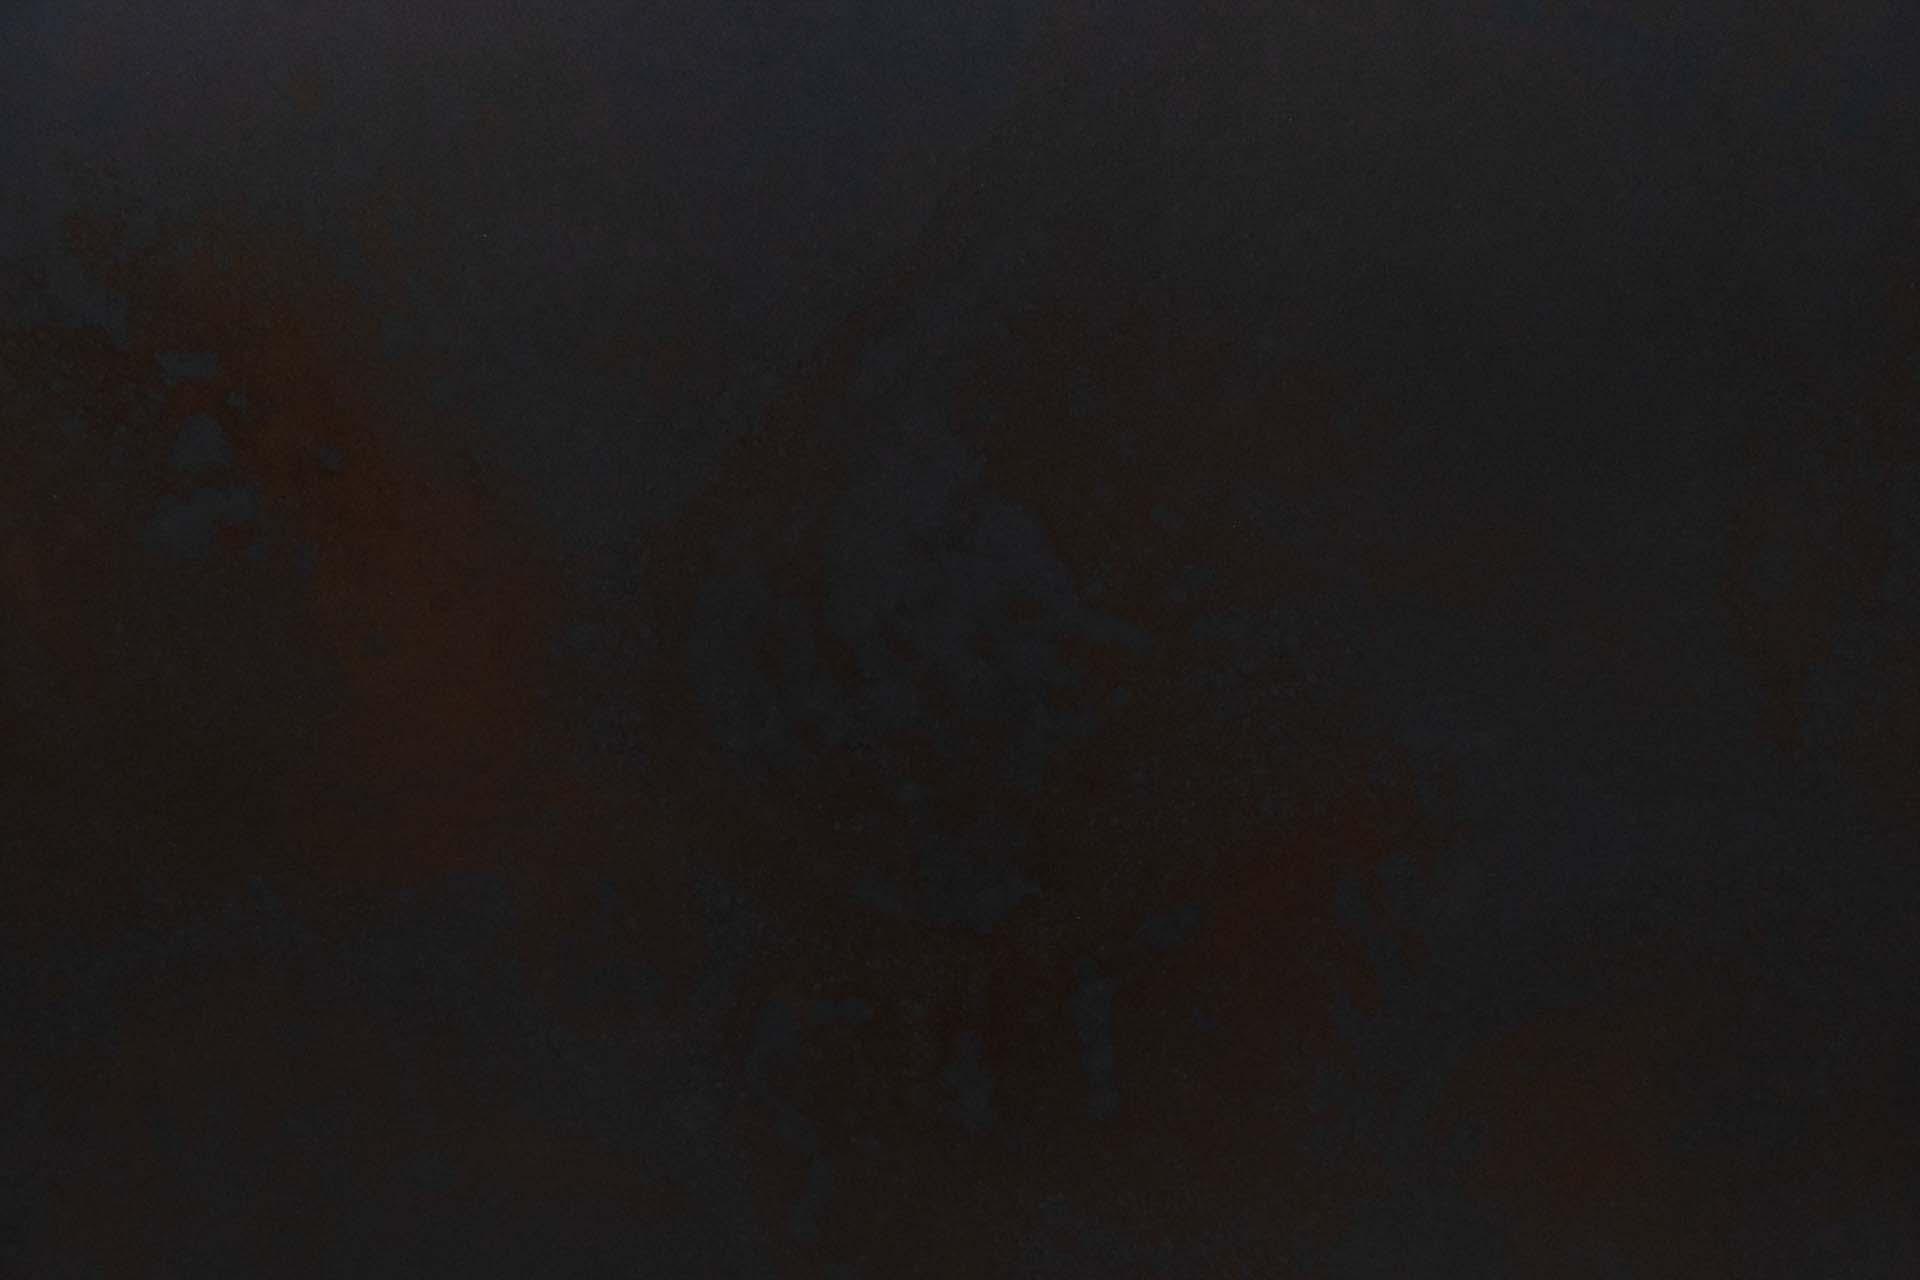 Caesarstone Oxidian Quartz CE201027 39032 133418 a